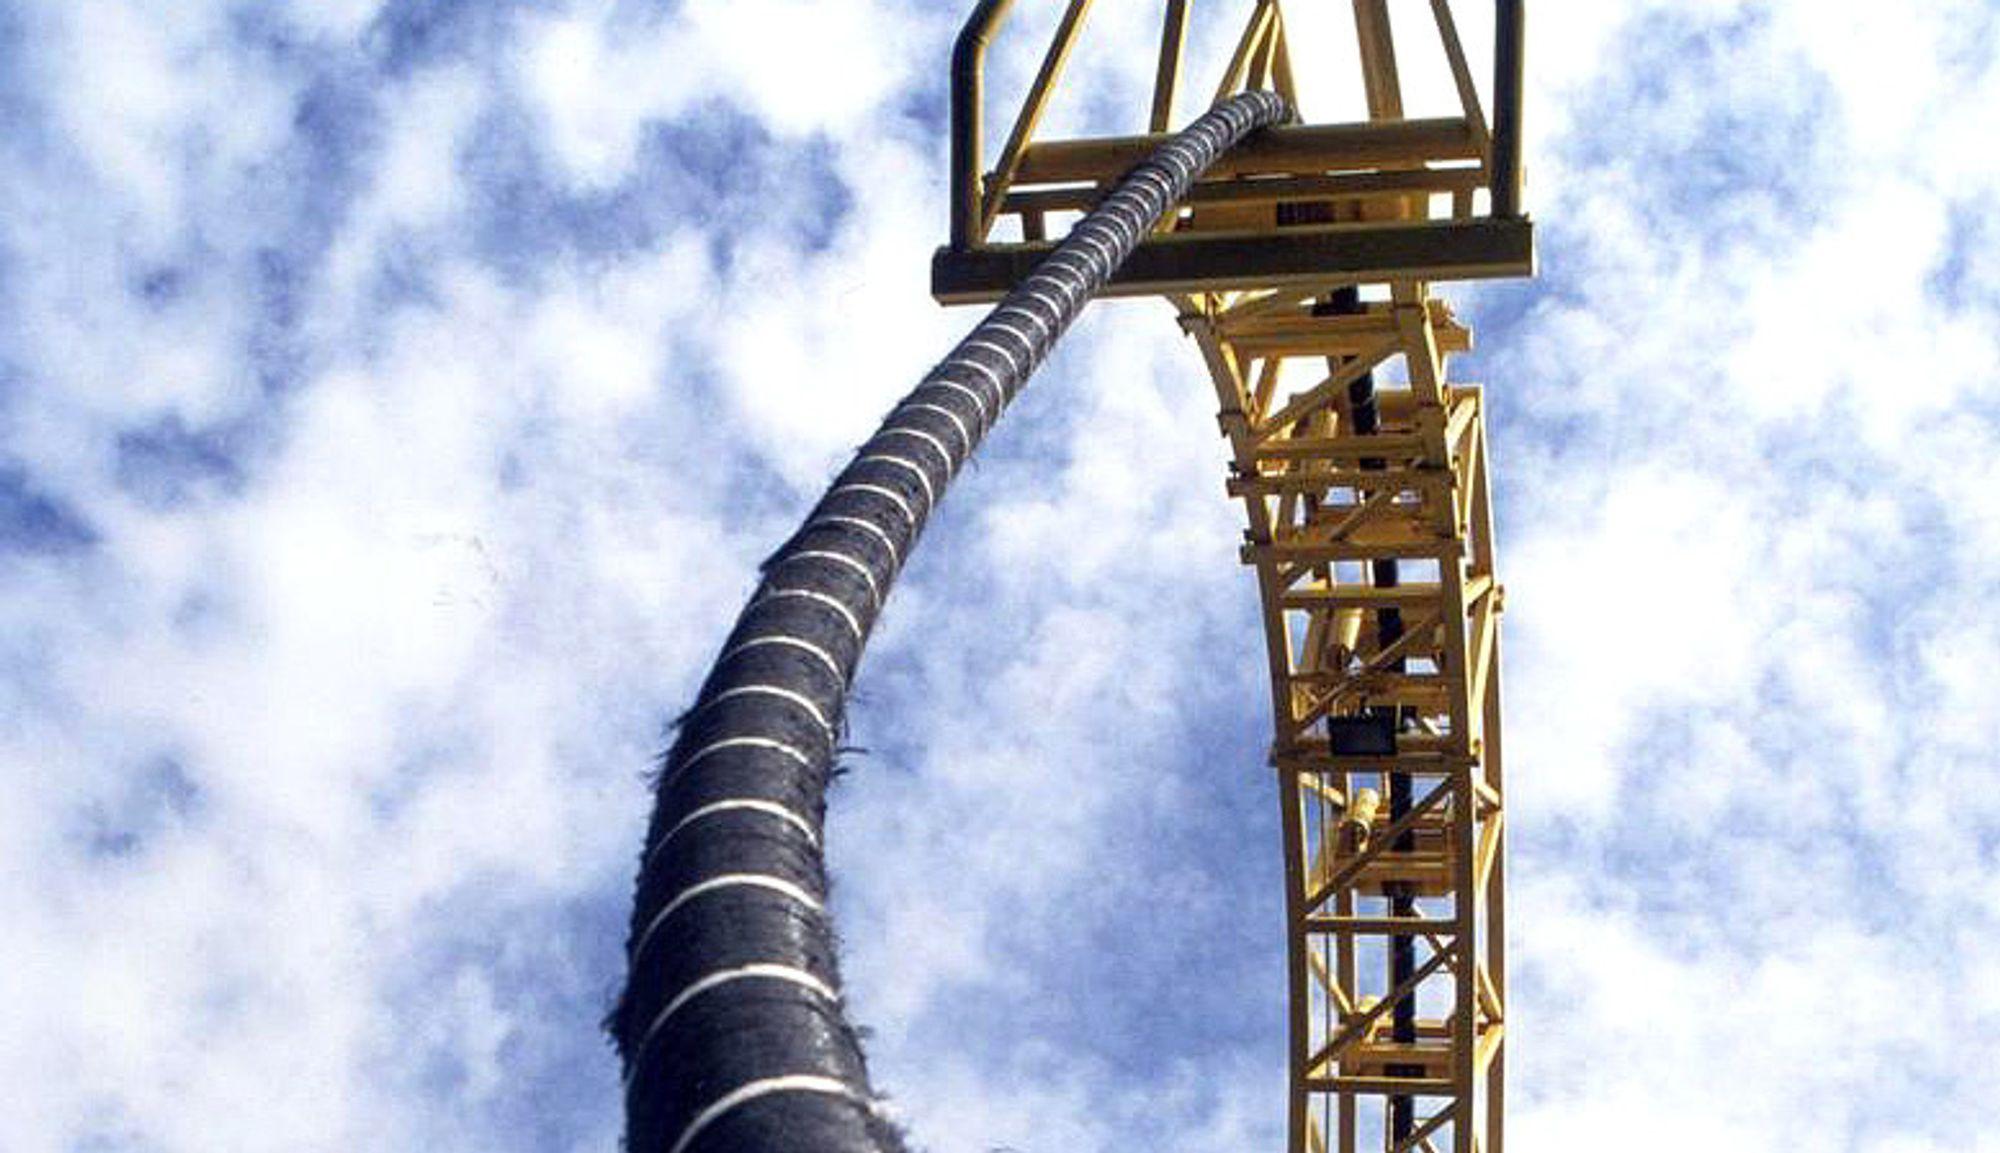 Forsinket: Kabelprodusent Nexans kan ikke si når fabrikken i Halden får gjort ferdig kablene Statnett skal legge i Ytre Oslofjord. Illustrasjonsfoto: Statnett